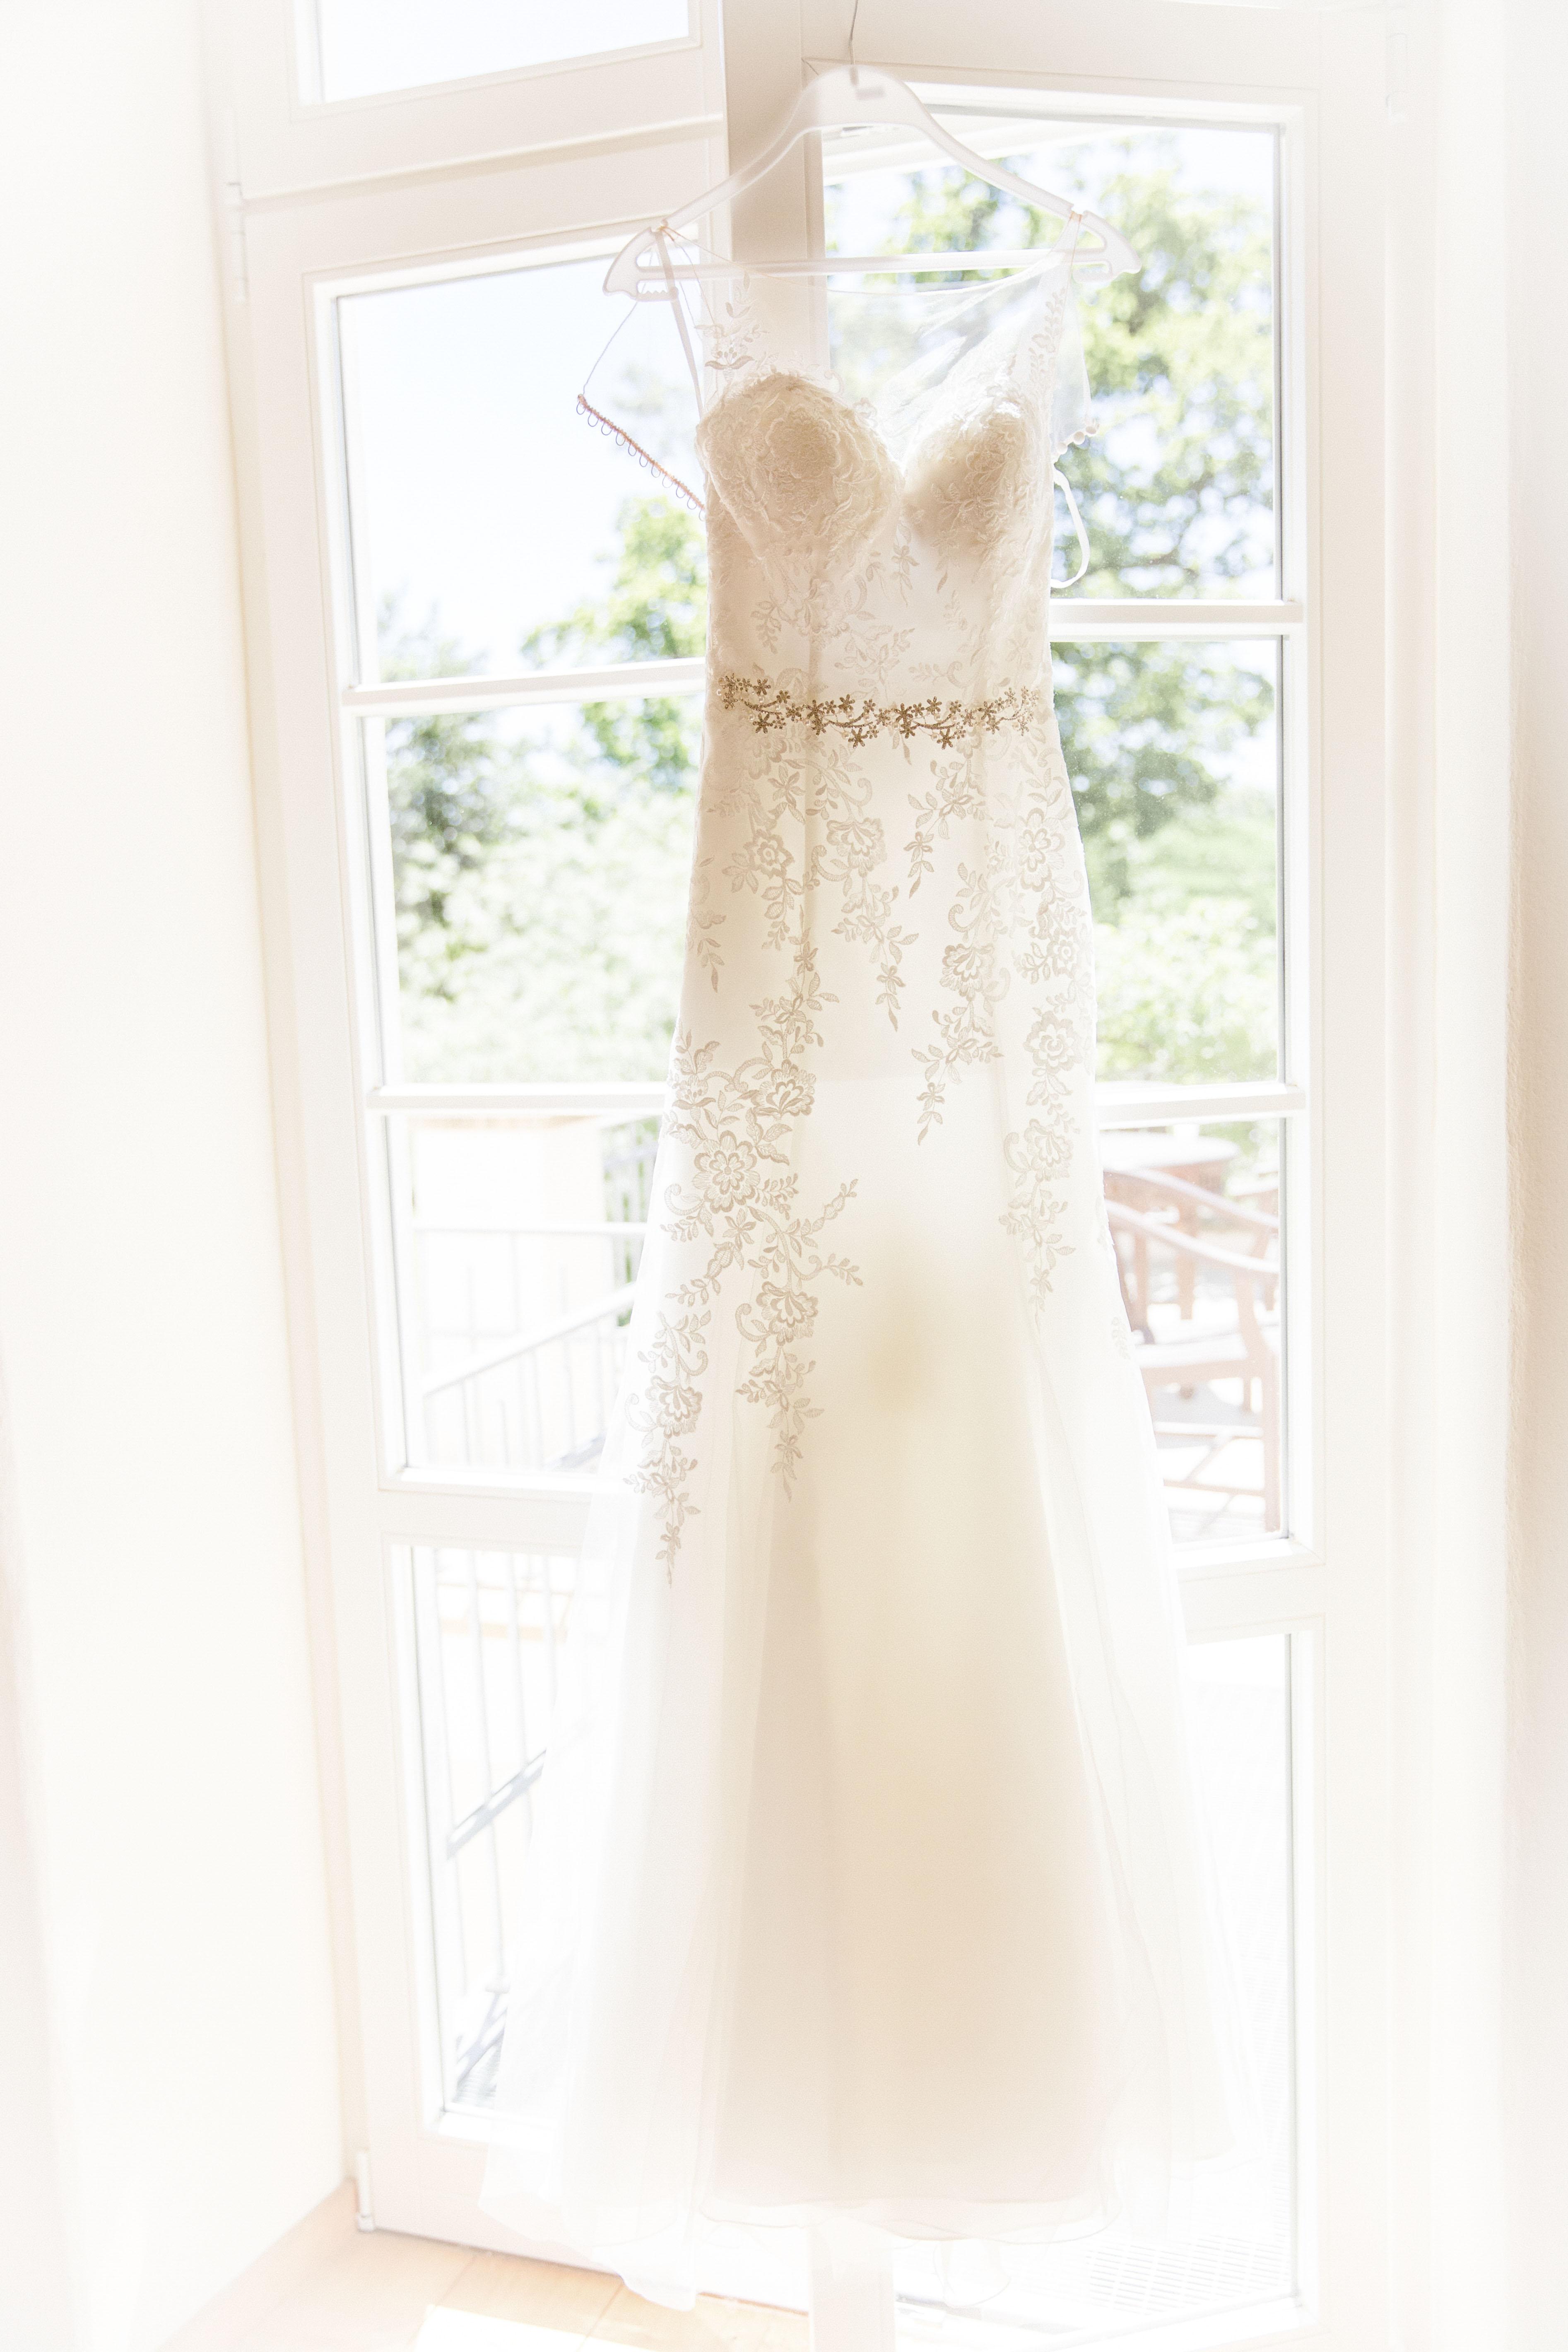 Hochzeitsfoto vom Hochzeitskleid. Enstanden beim Getting Ready.